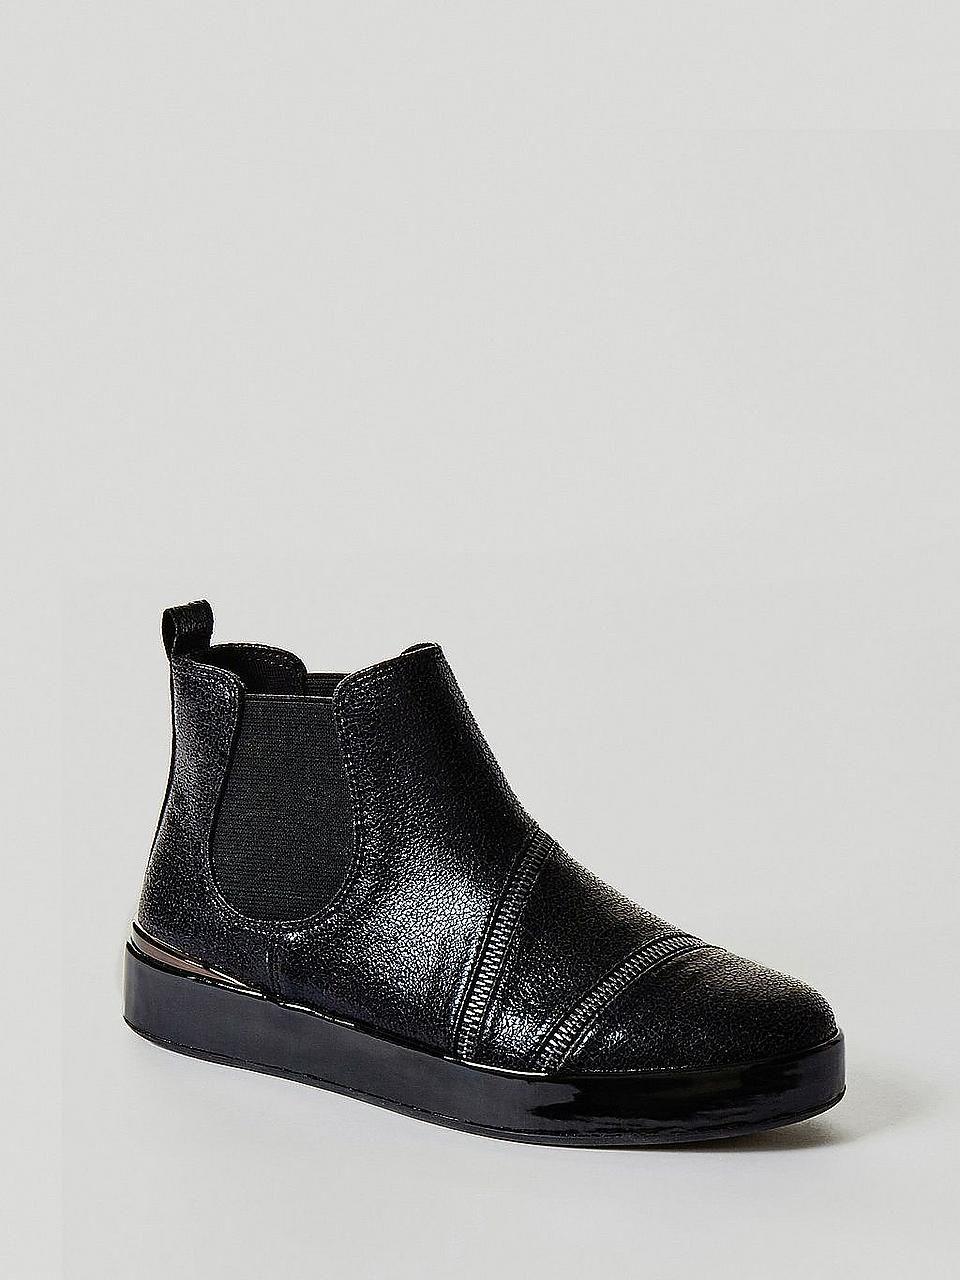 100% authentic 8cdd6 94c54 Guess Sneaker #boots #stiefeletten #schuhe #damenschuhe ...